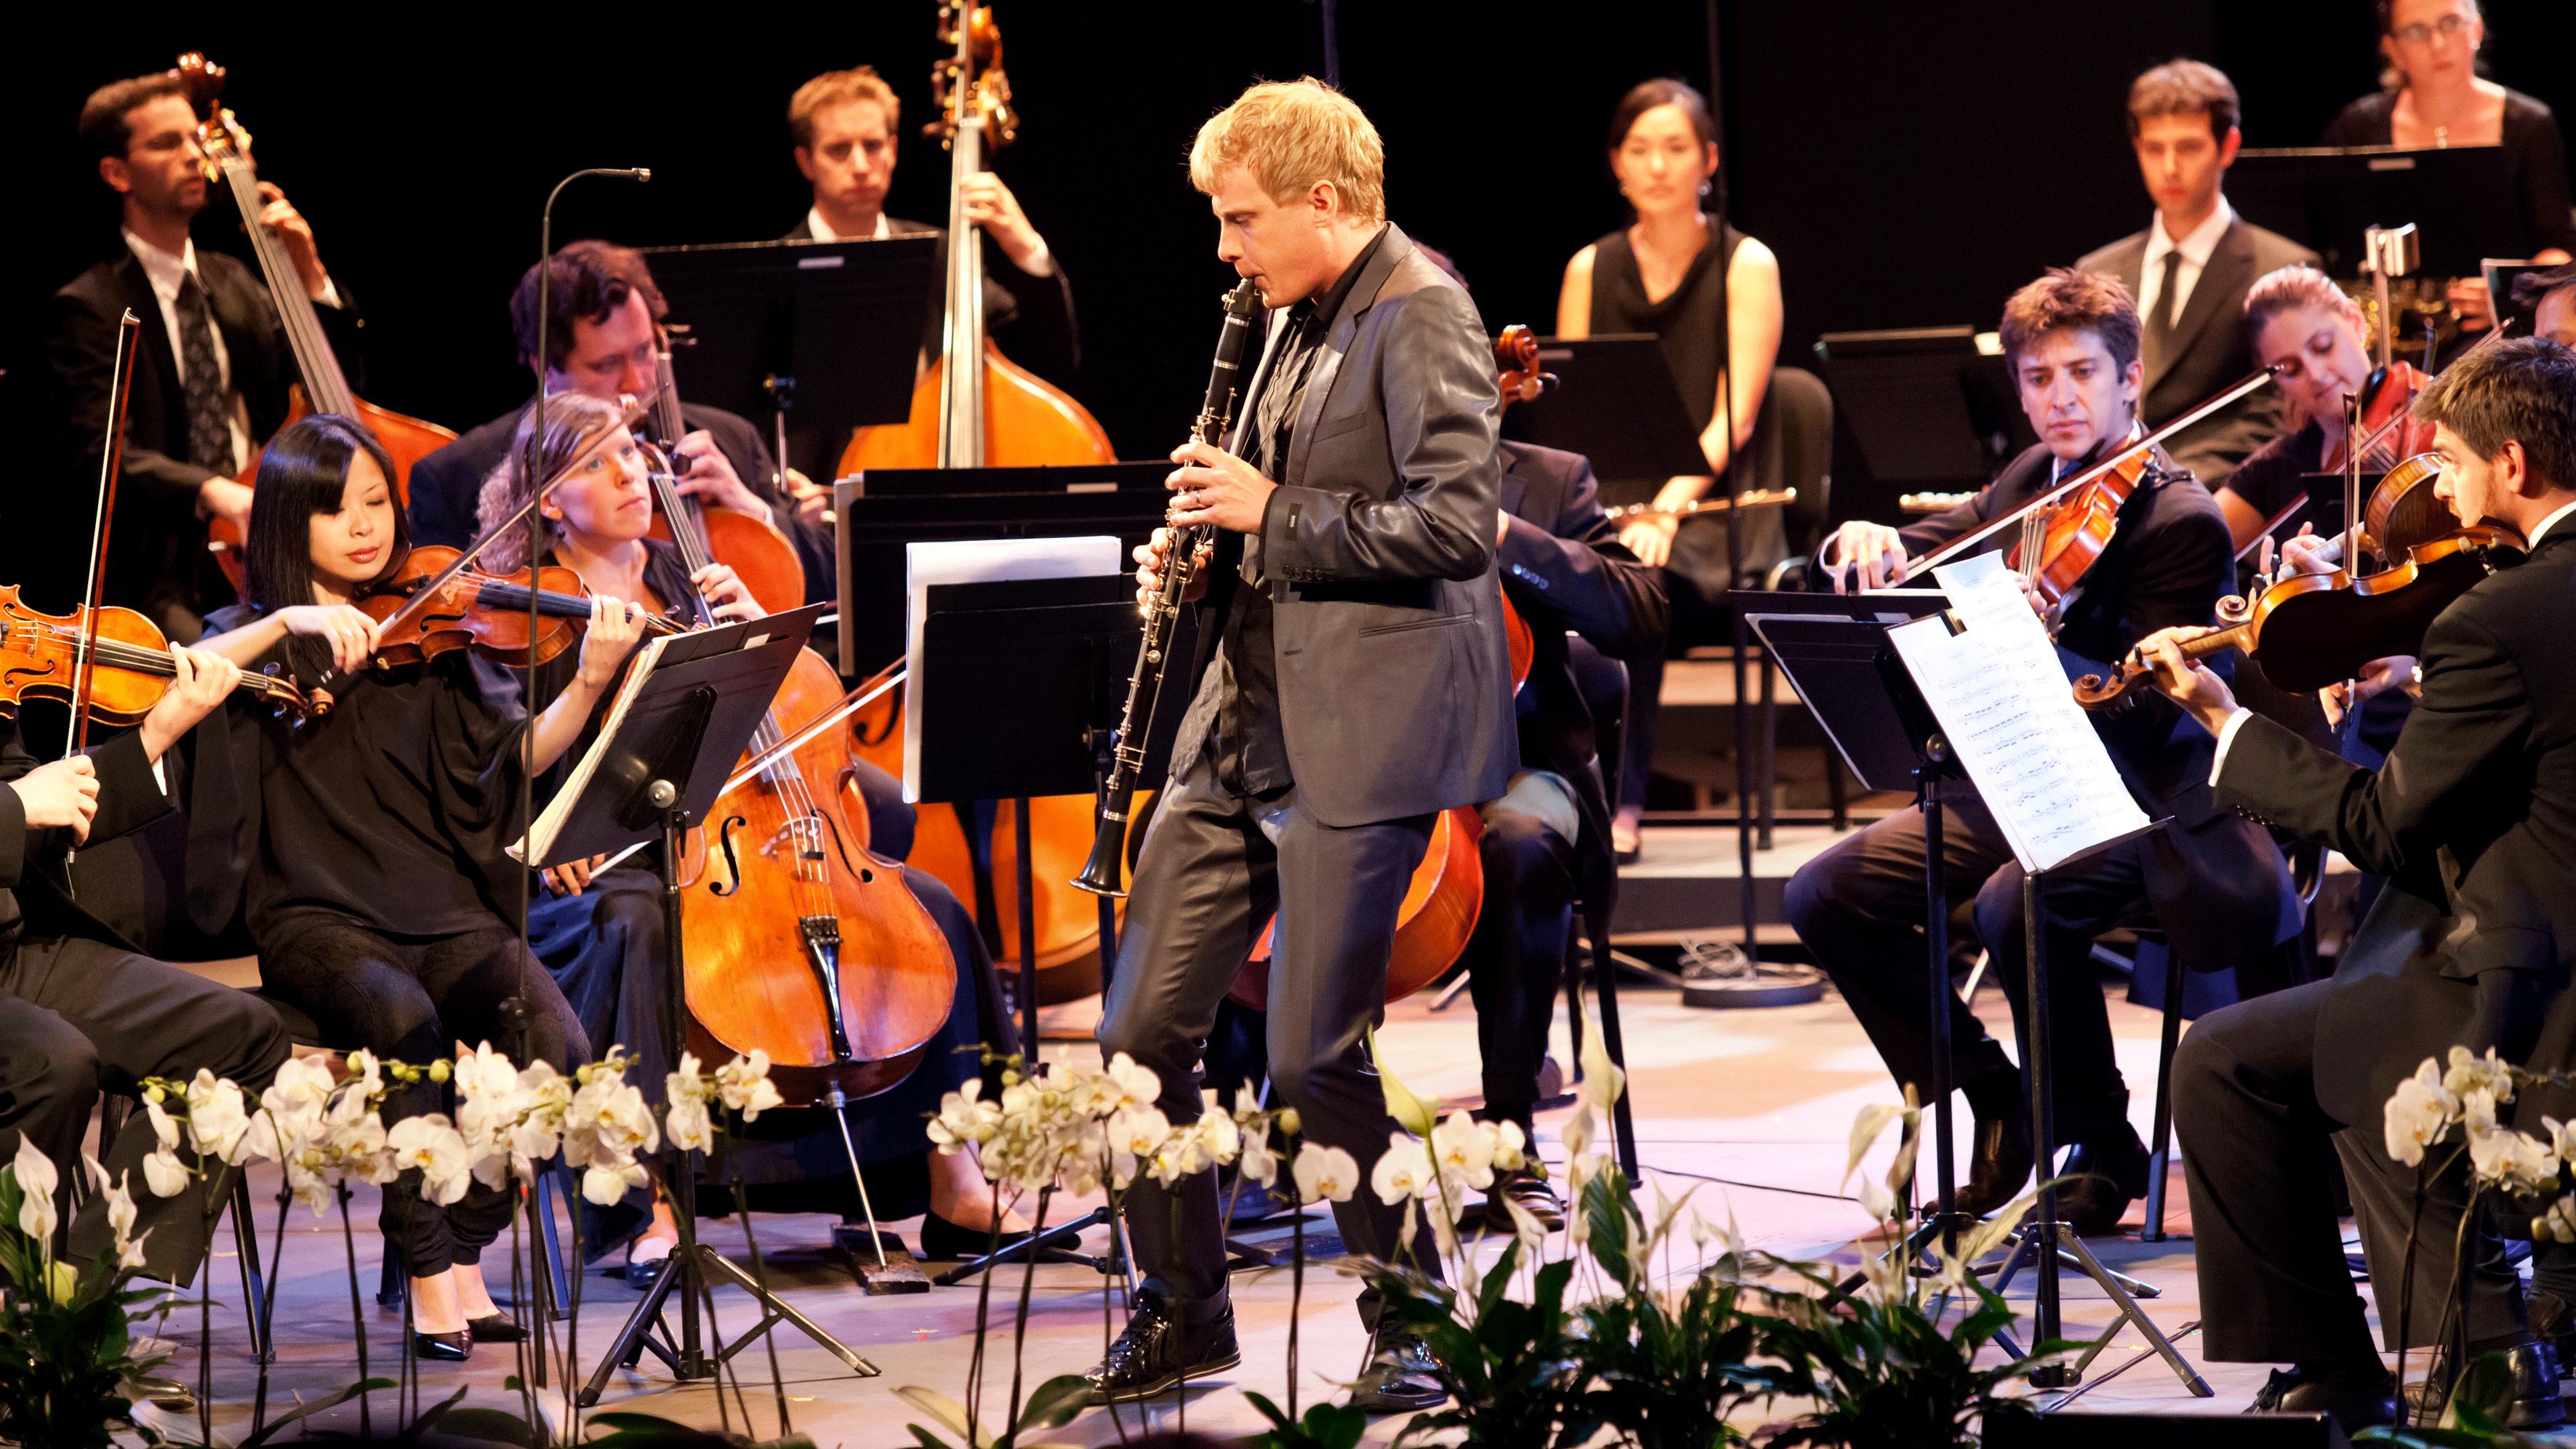 Martin Fröst interprète et dirige le Concerto pour clarinette de Mozart